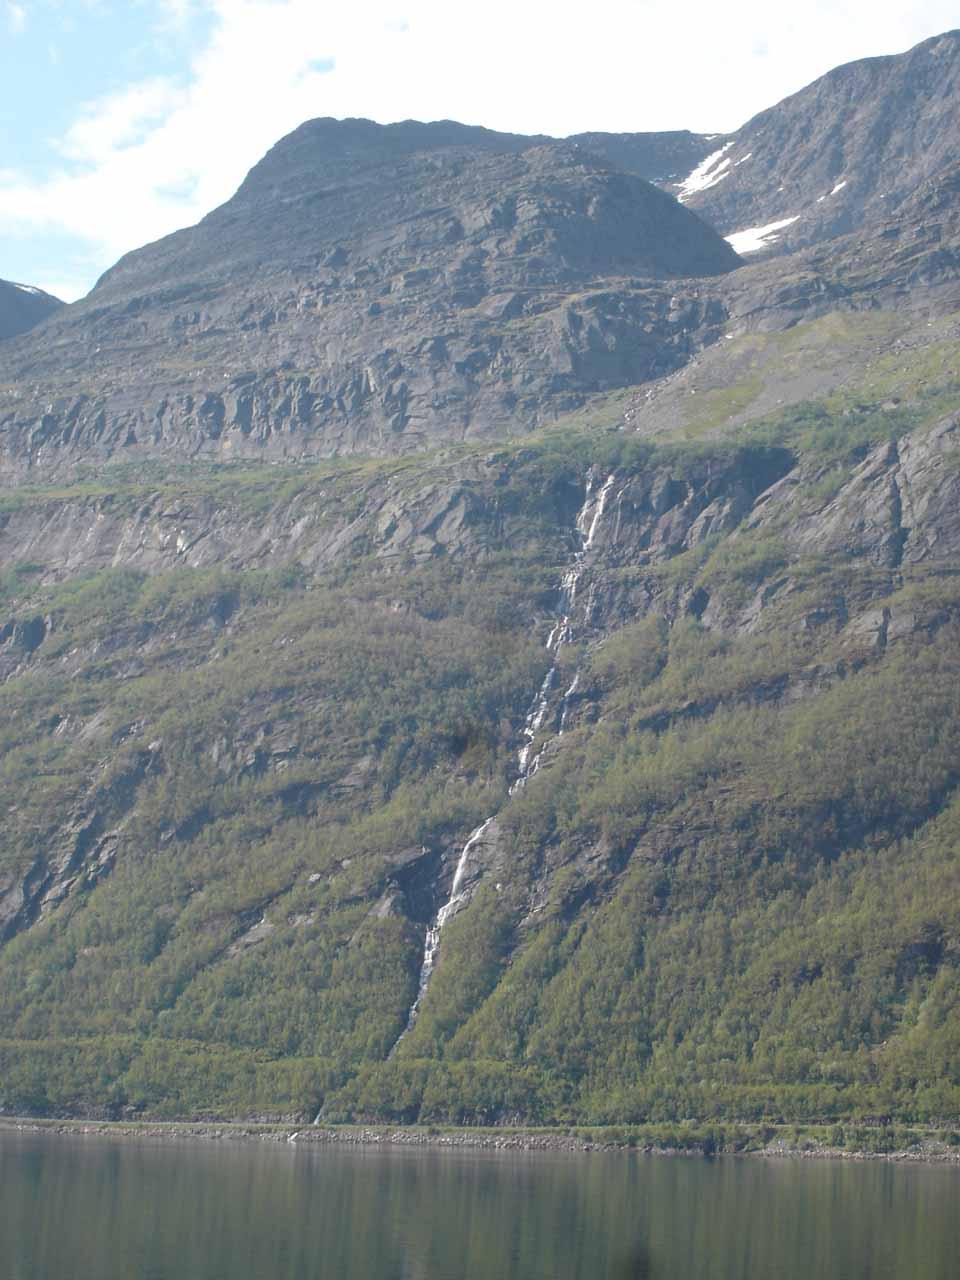 Looking across Kåfjorden towards this thin waterfall that I think is on Melkelva ('Melkfossen'?)